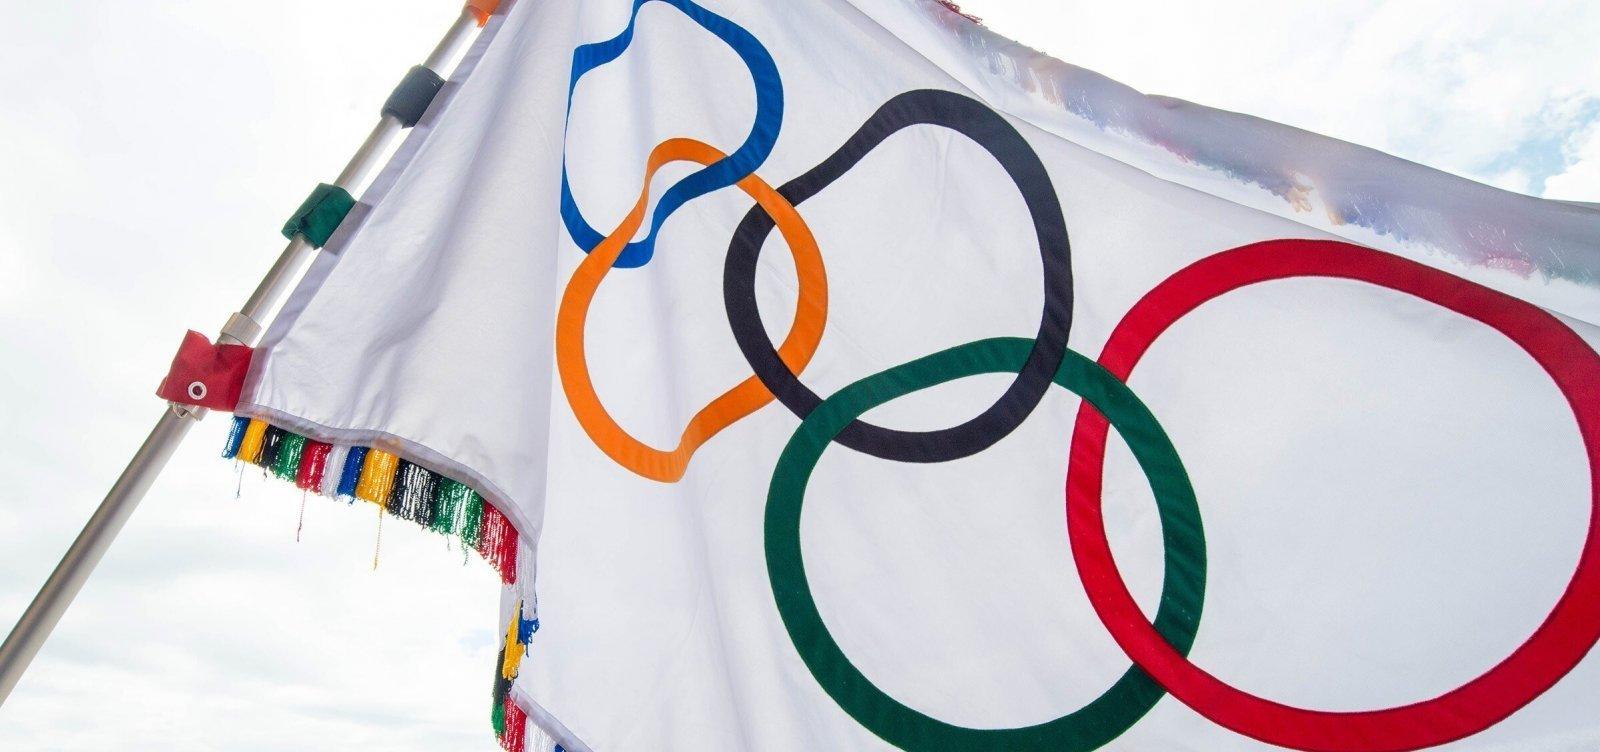 [Jogos precisam ocorrer em 2021 'a qualquer preço', diz ministra da Olimpíada do Japão]